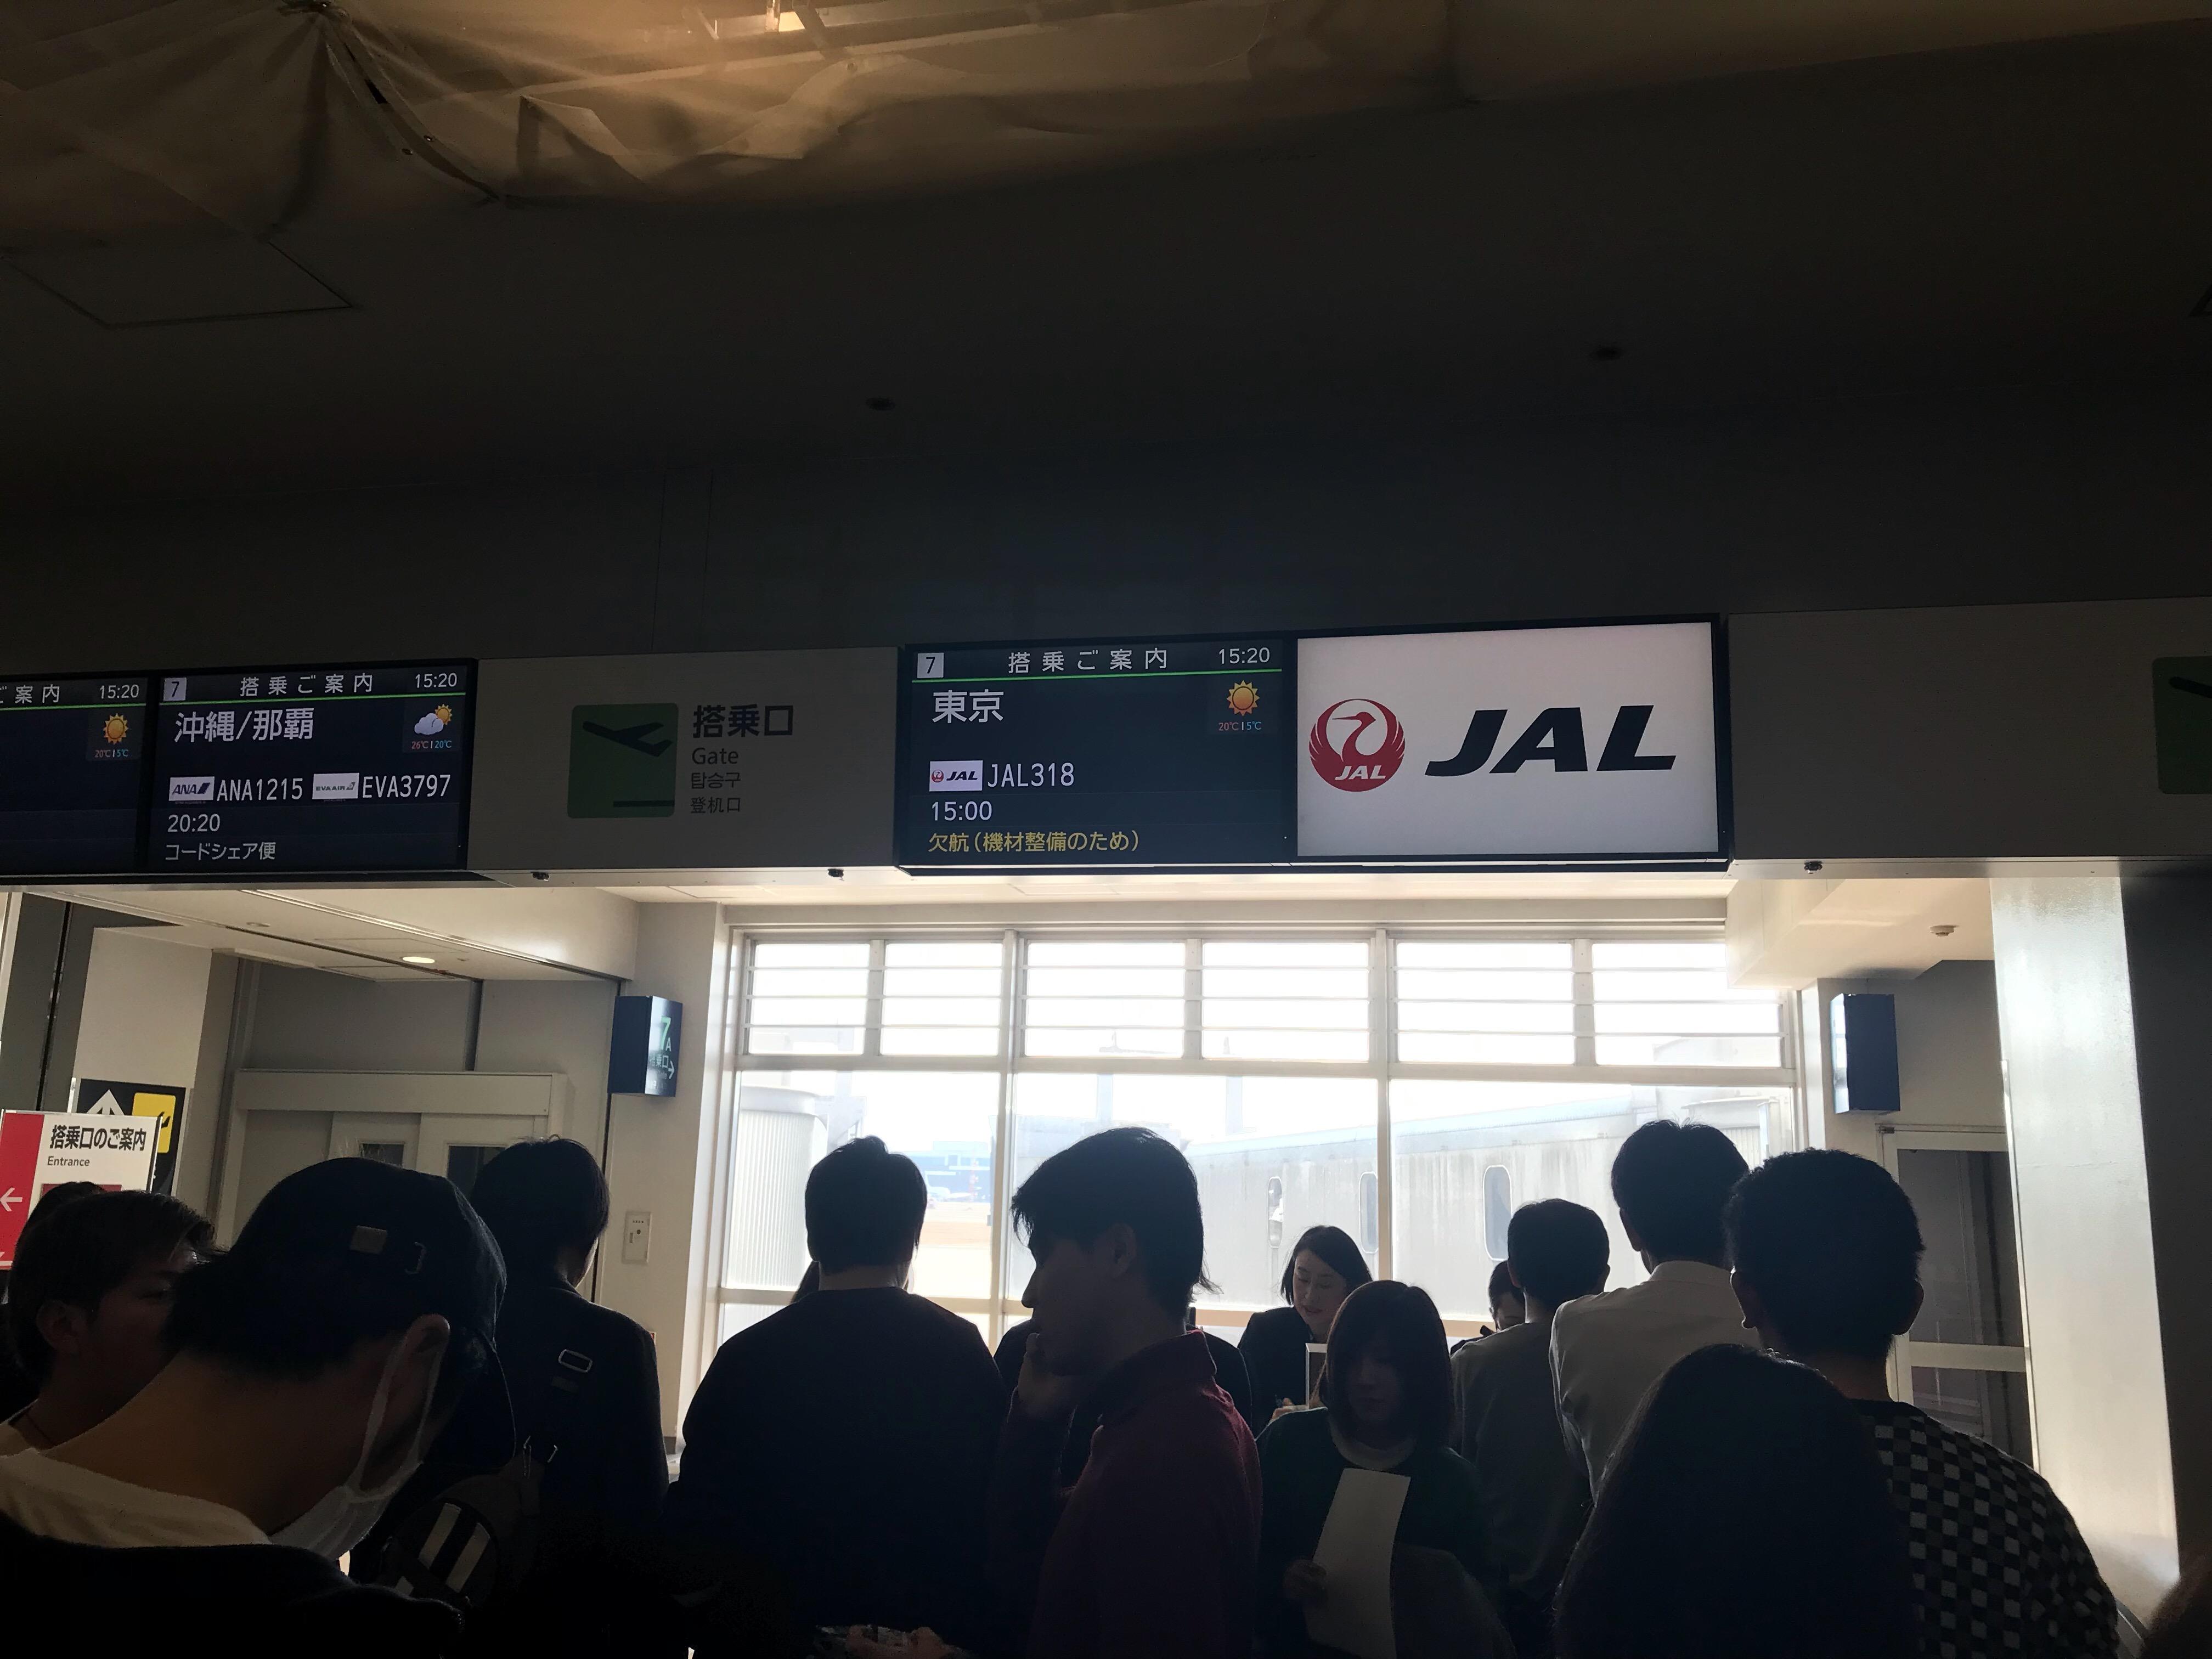 <旅のトラブル対応>予定していた飛行機が欠航! その時、どうするか?